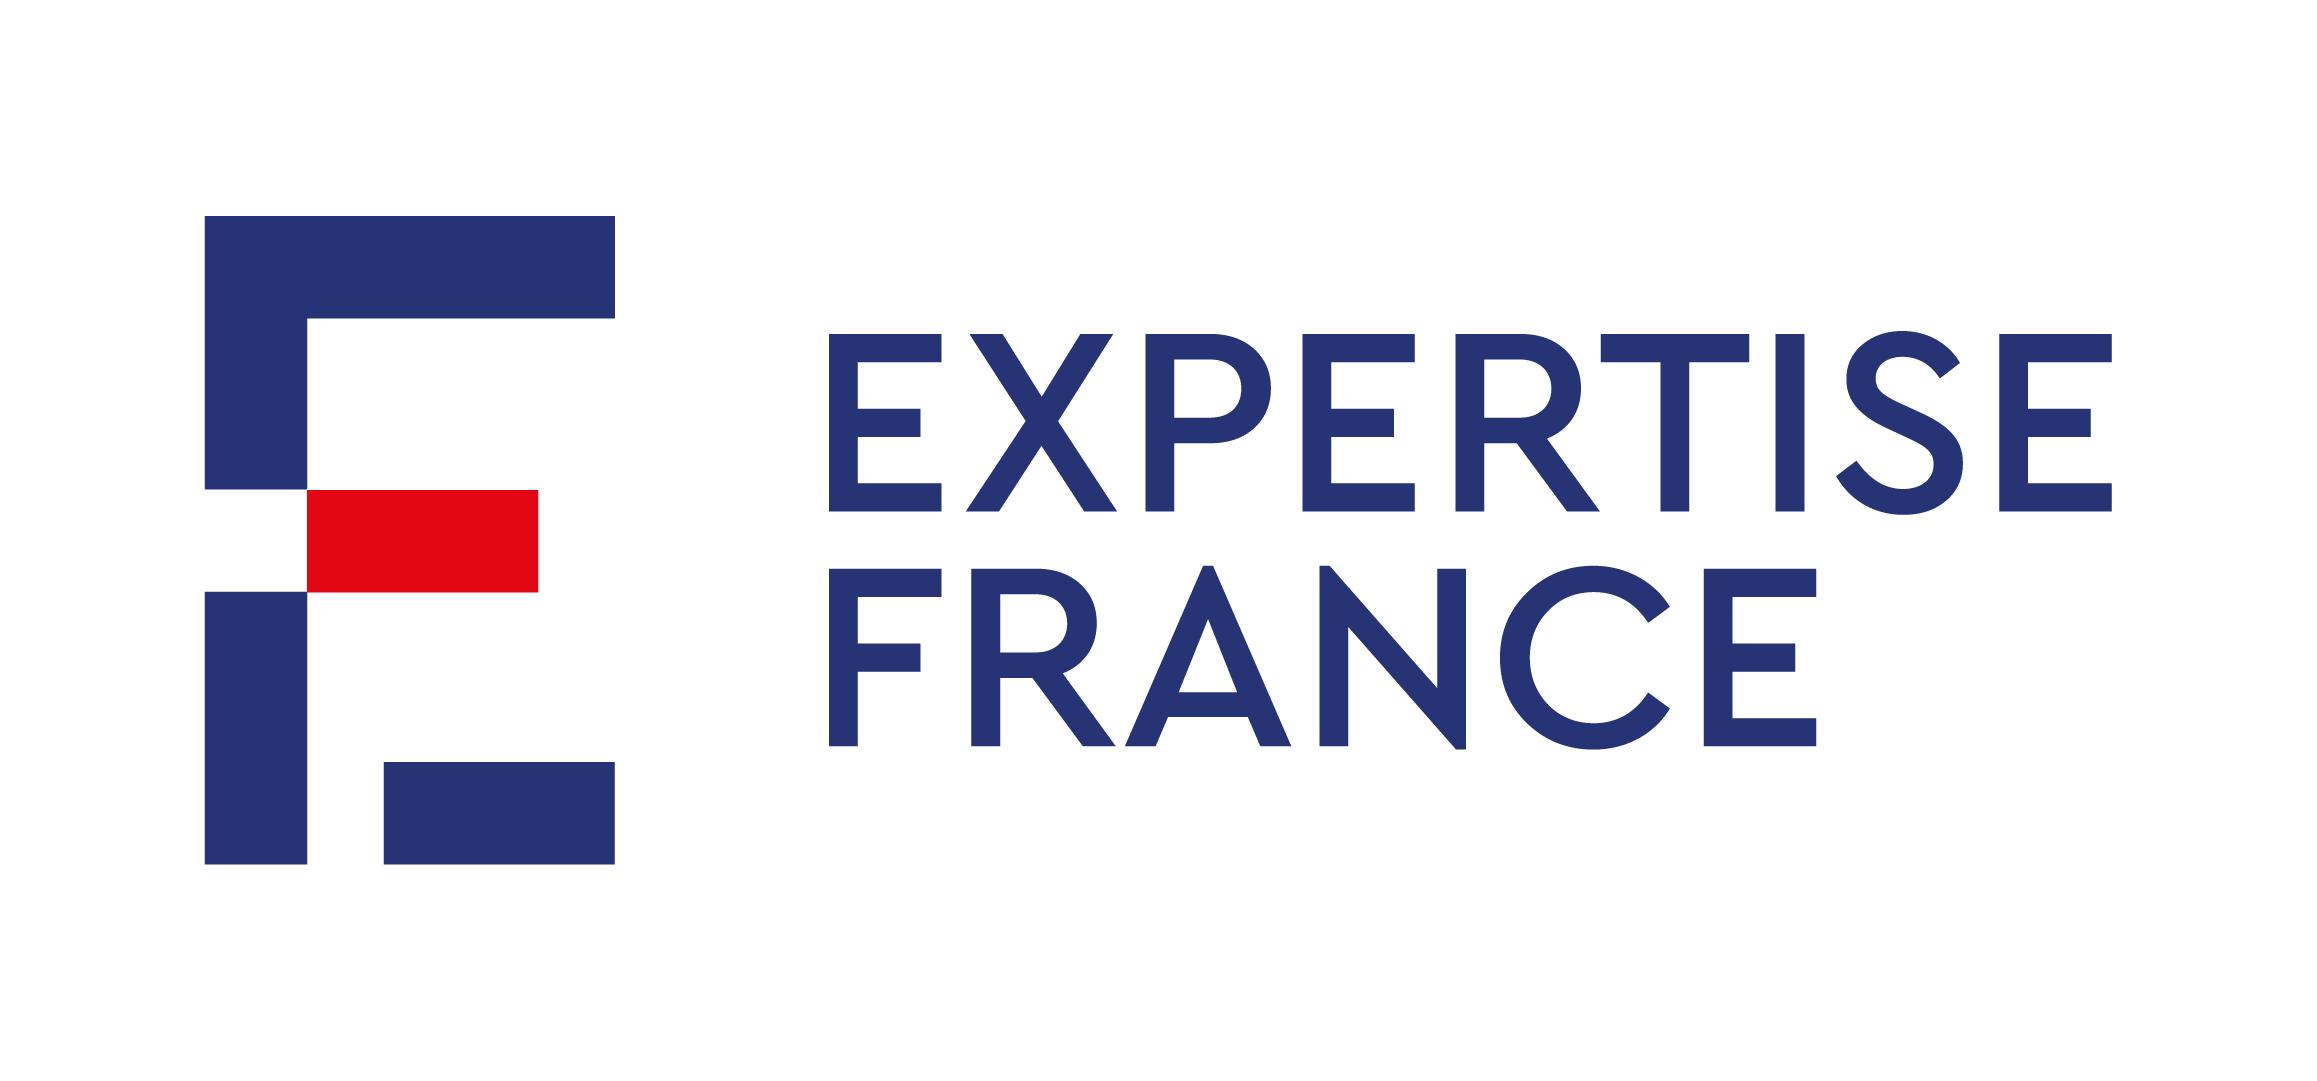 Expertise France